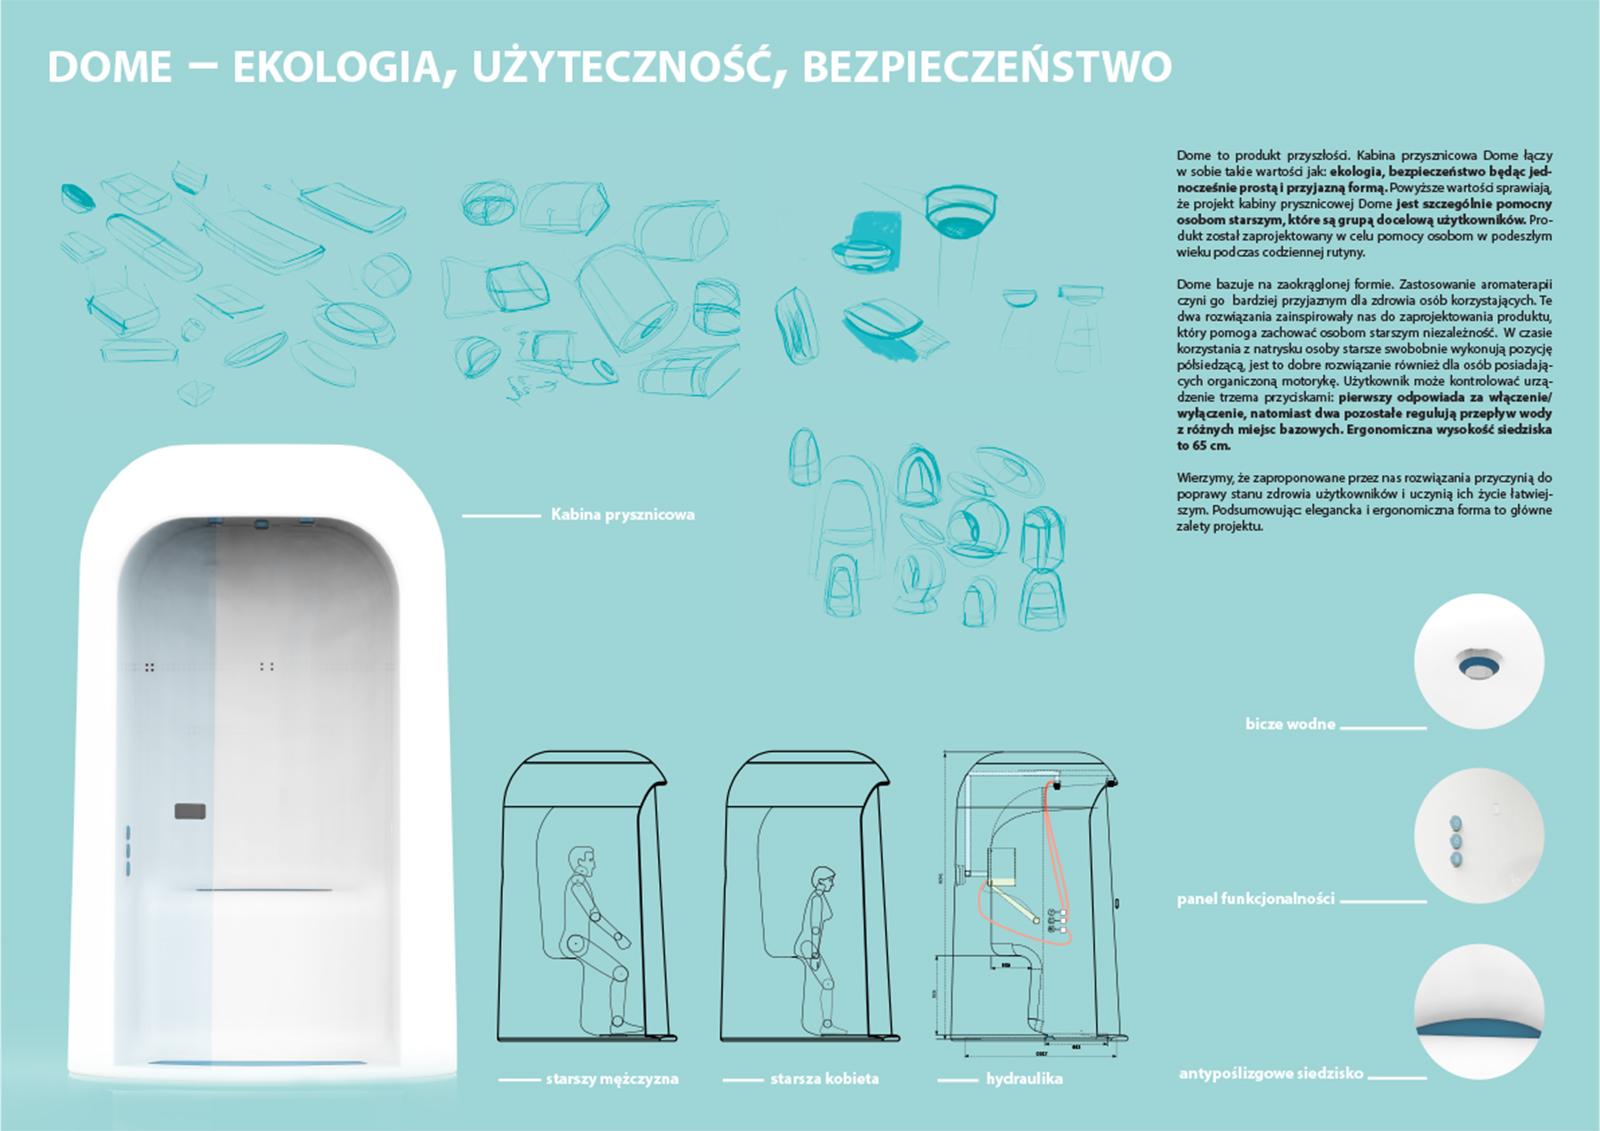 Dome - Kabina prysznicowa dla osób starszych